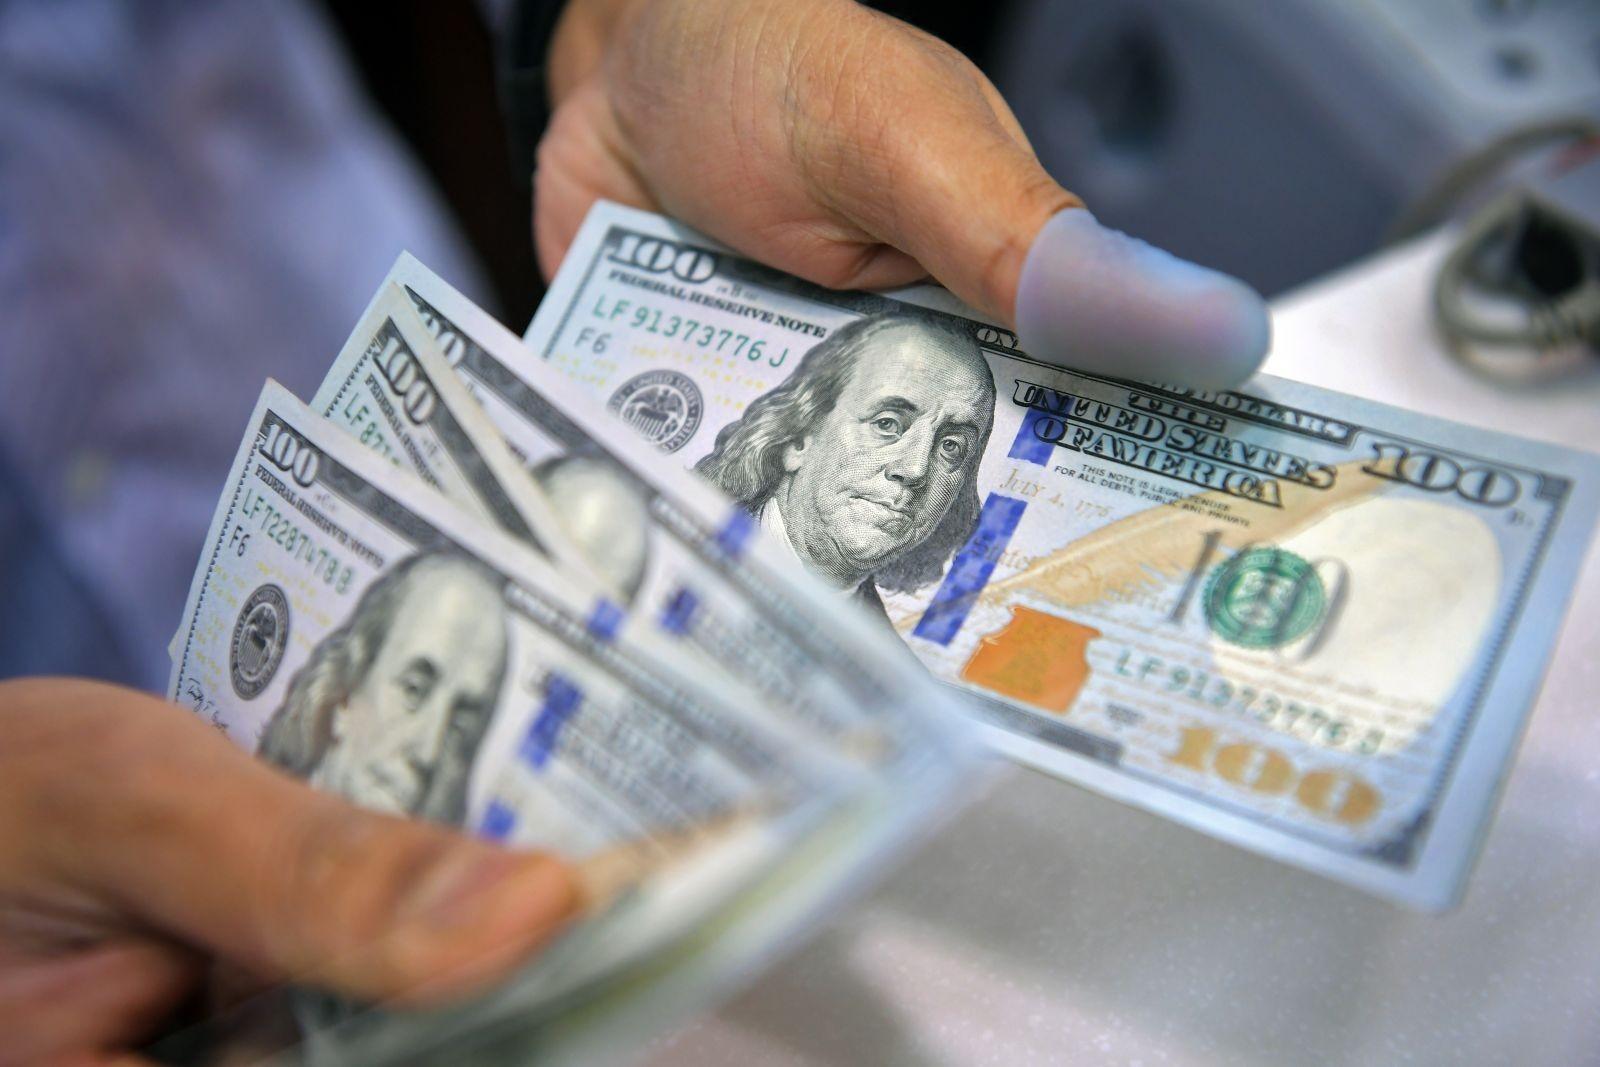 بعد هبوطه لأدنى مستوى.. ننشر أسعار الدولار في البنوك